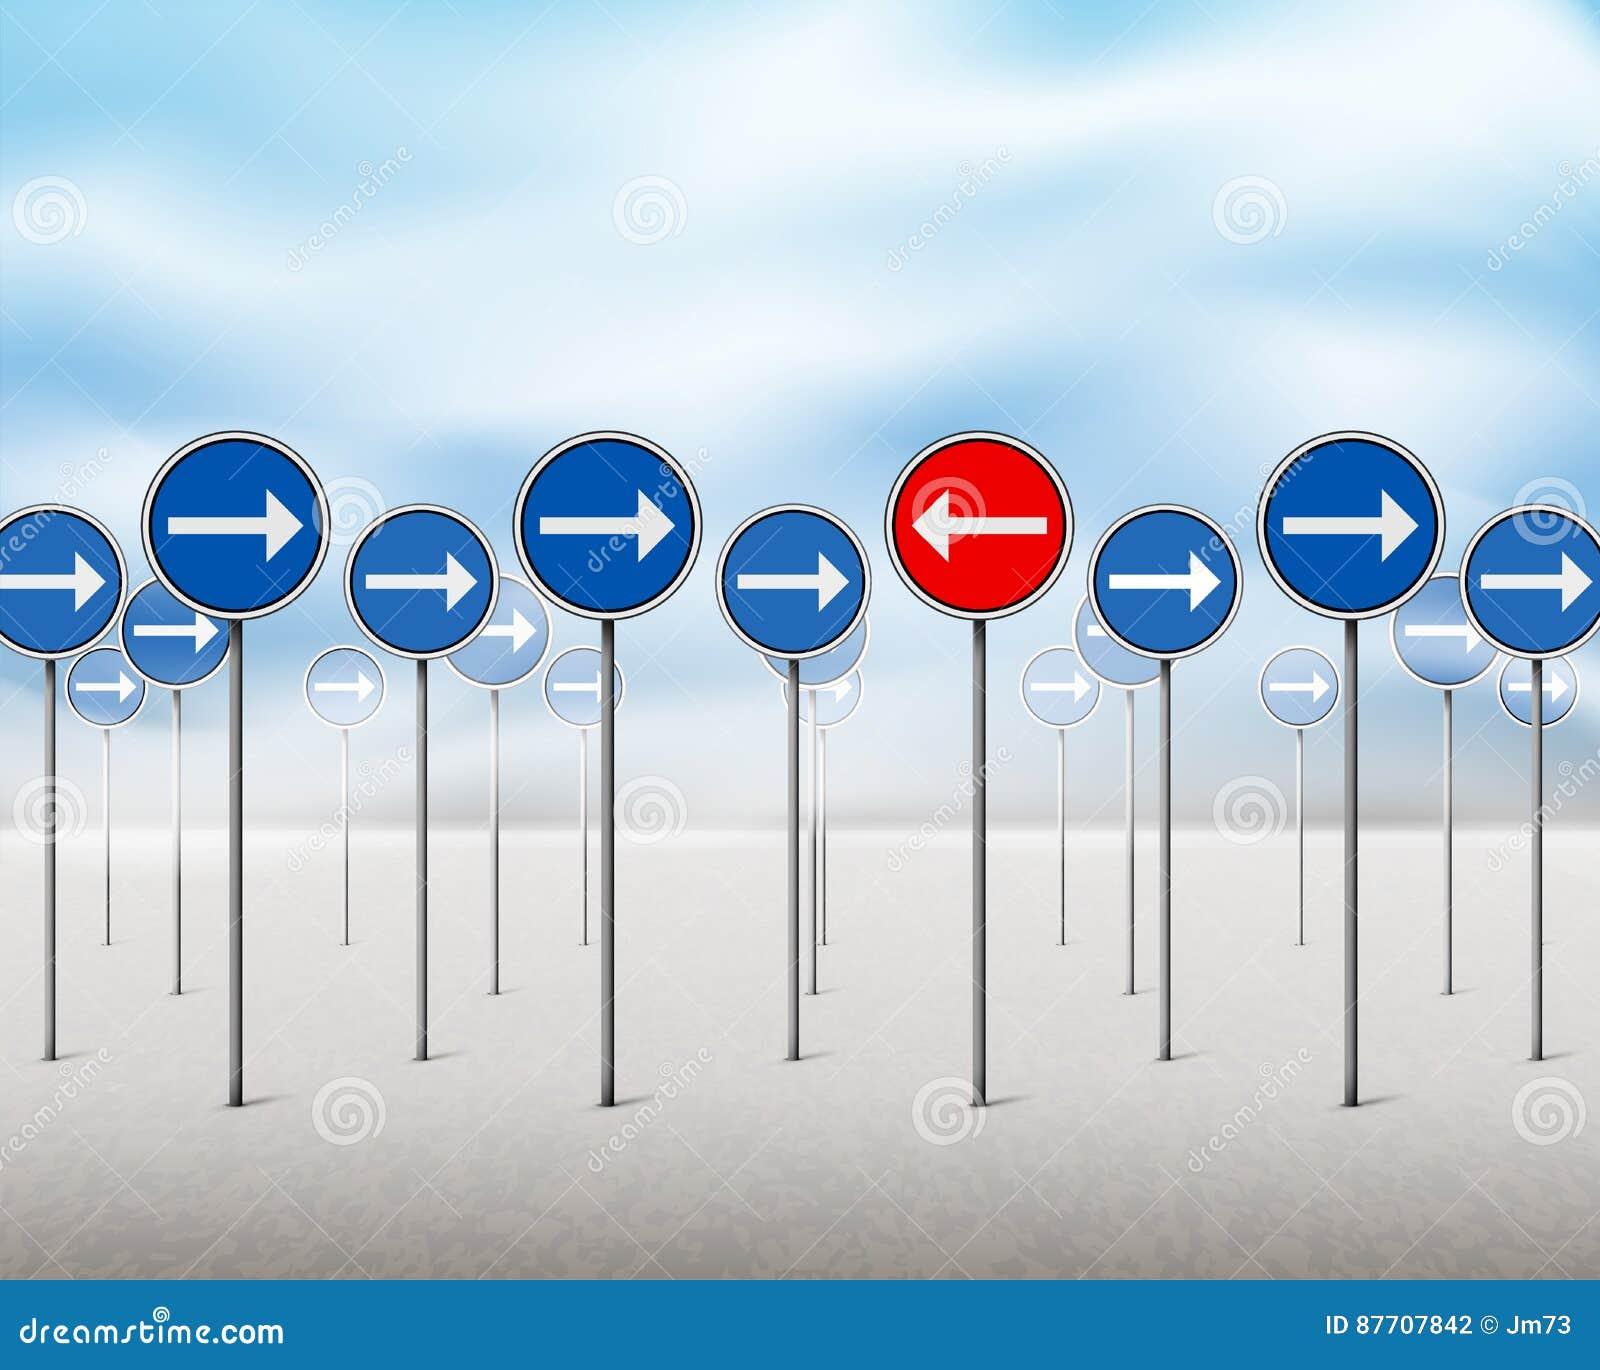 Signes bleus de flèche et un pointage rouge dans la direction opposée